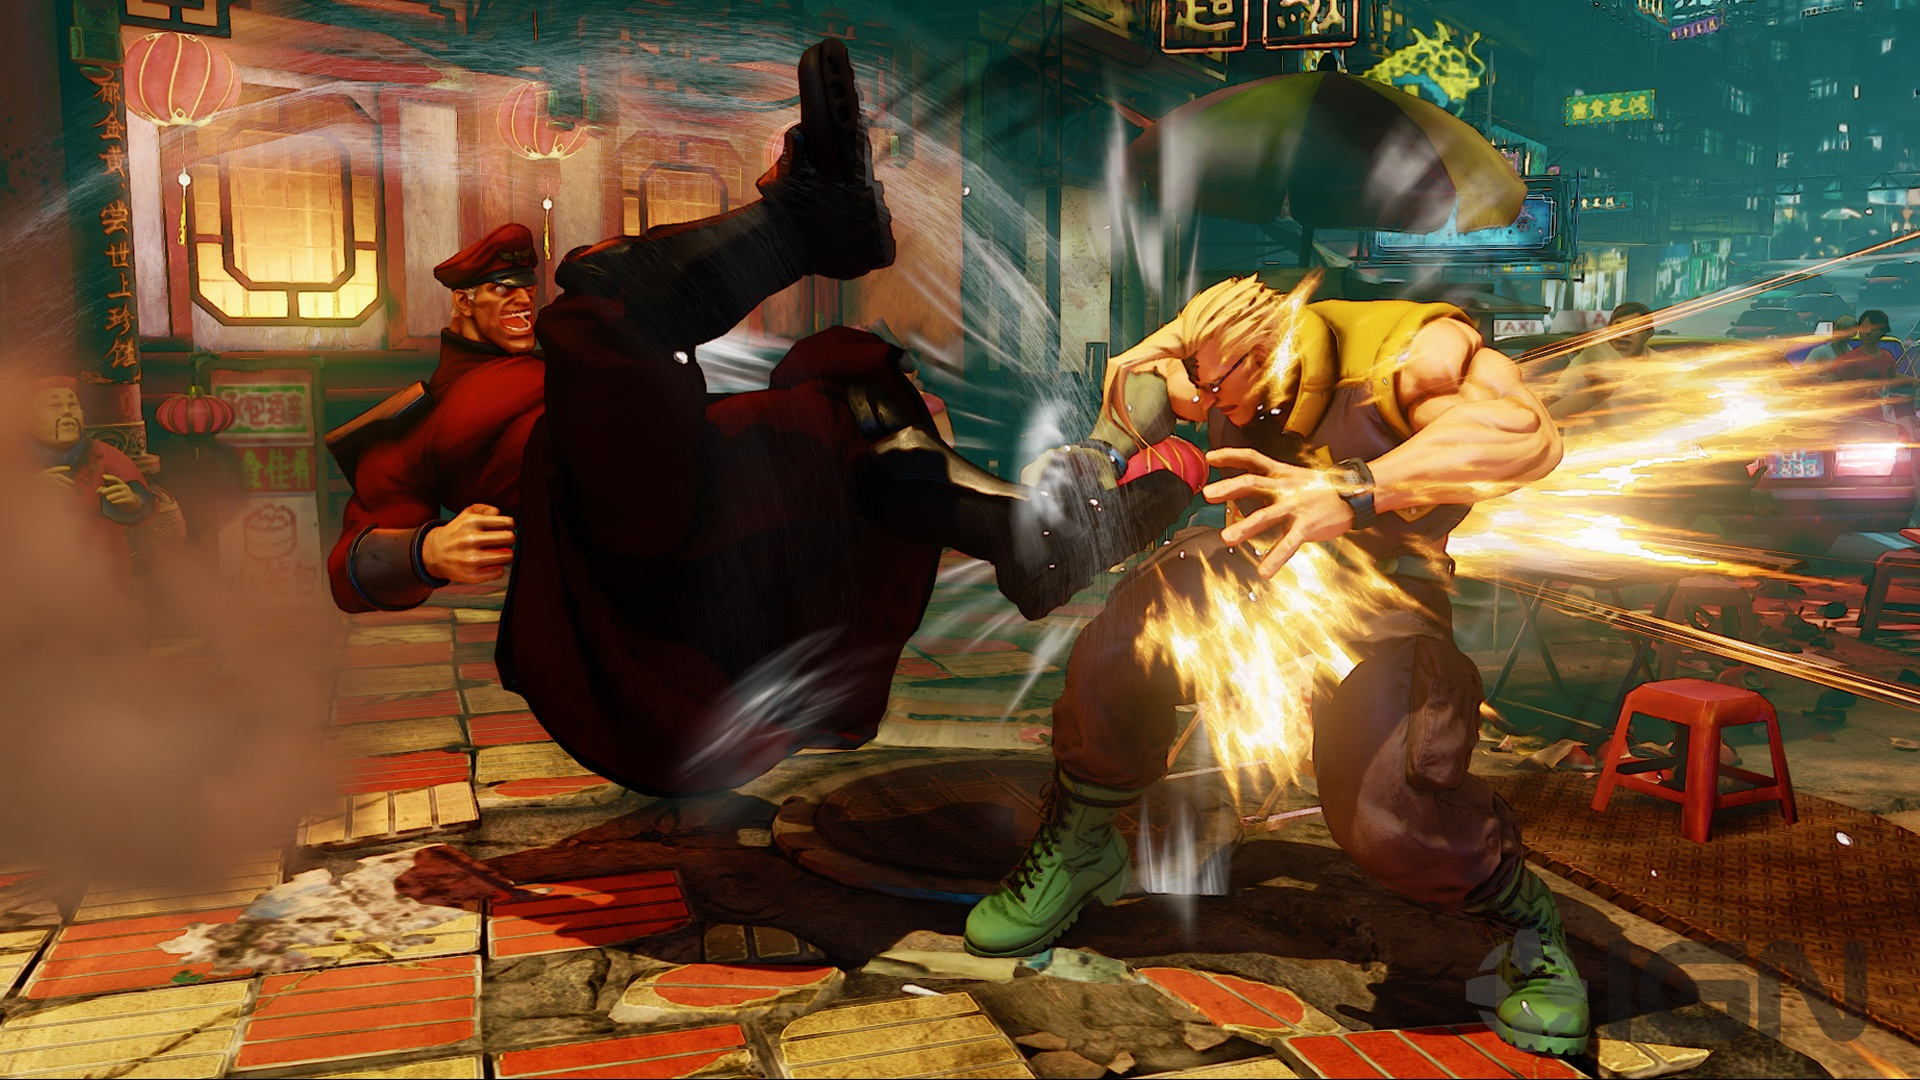 [GAMES] Street Fighter V - Personagem inédito! - Página 2 09-scissor-kicks-kprf_8dmp.1920